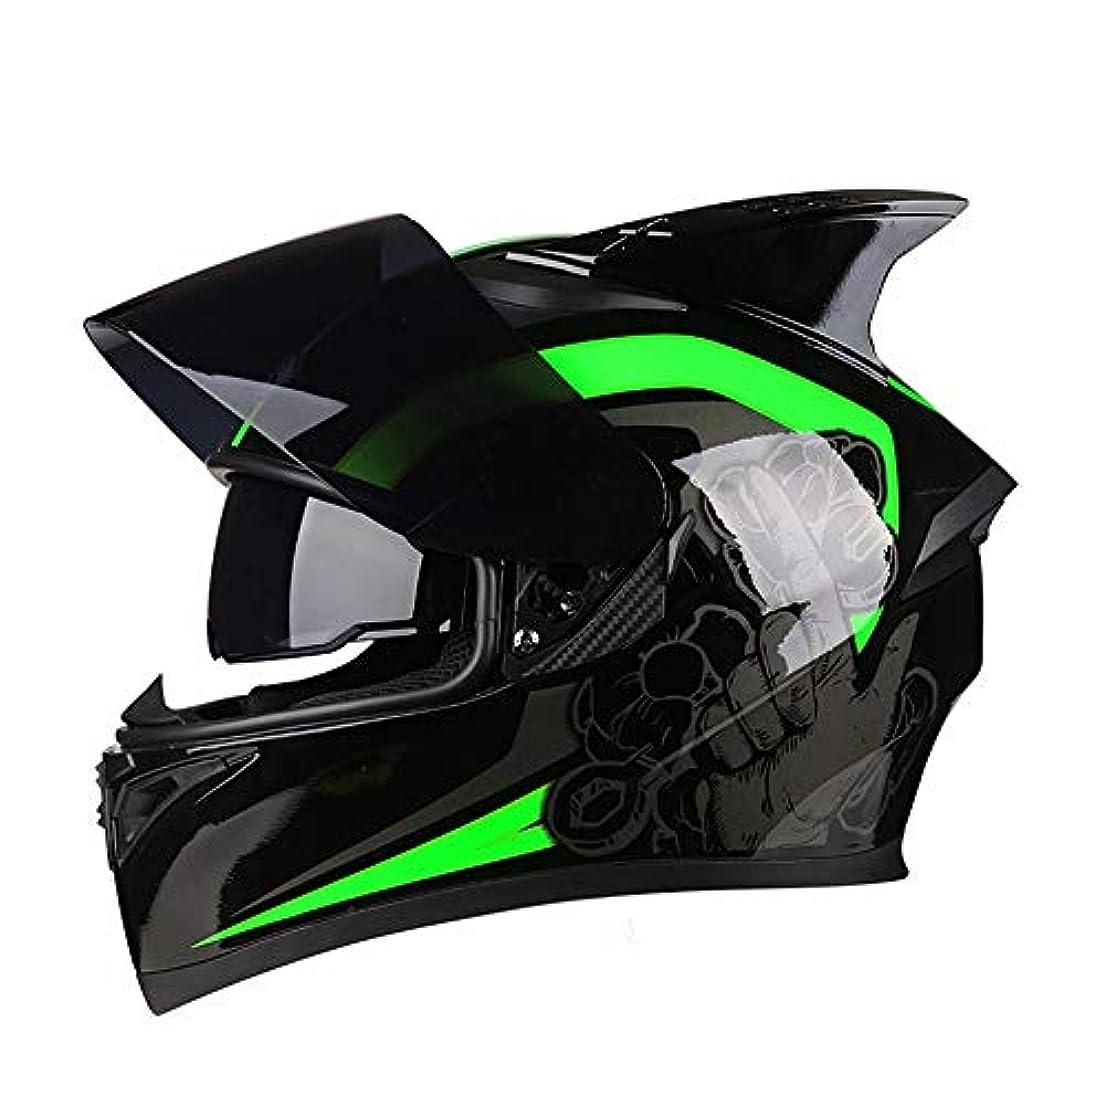 神社コンピューター氏TOMSSL高品質 オートバイ四季フルフェイスヘルメットカラフルなレンズダブルレンズファッション通気性の安全コーナーヘルメット TOMSSL高品質 (色 : Black, Size : XL)